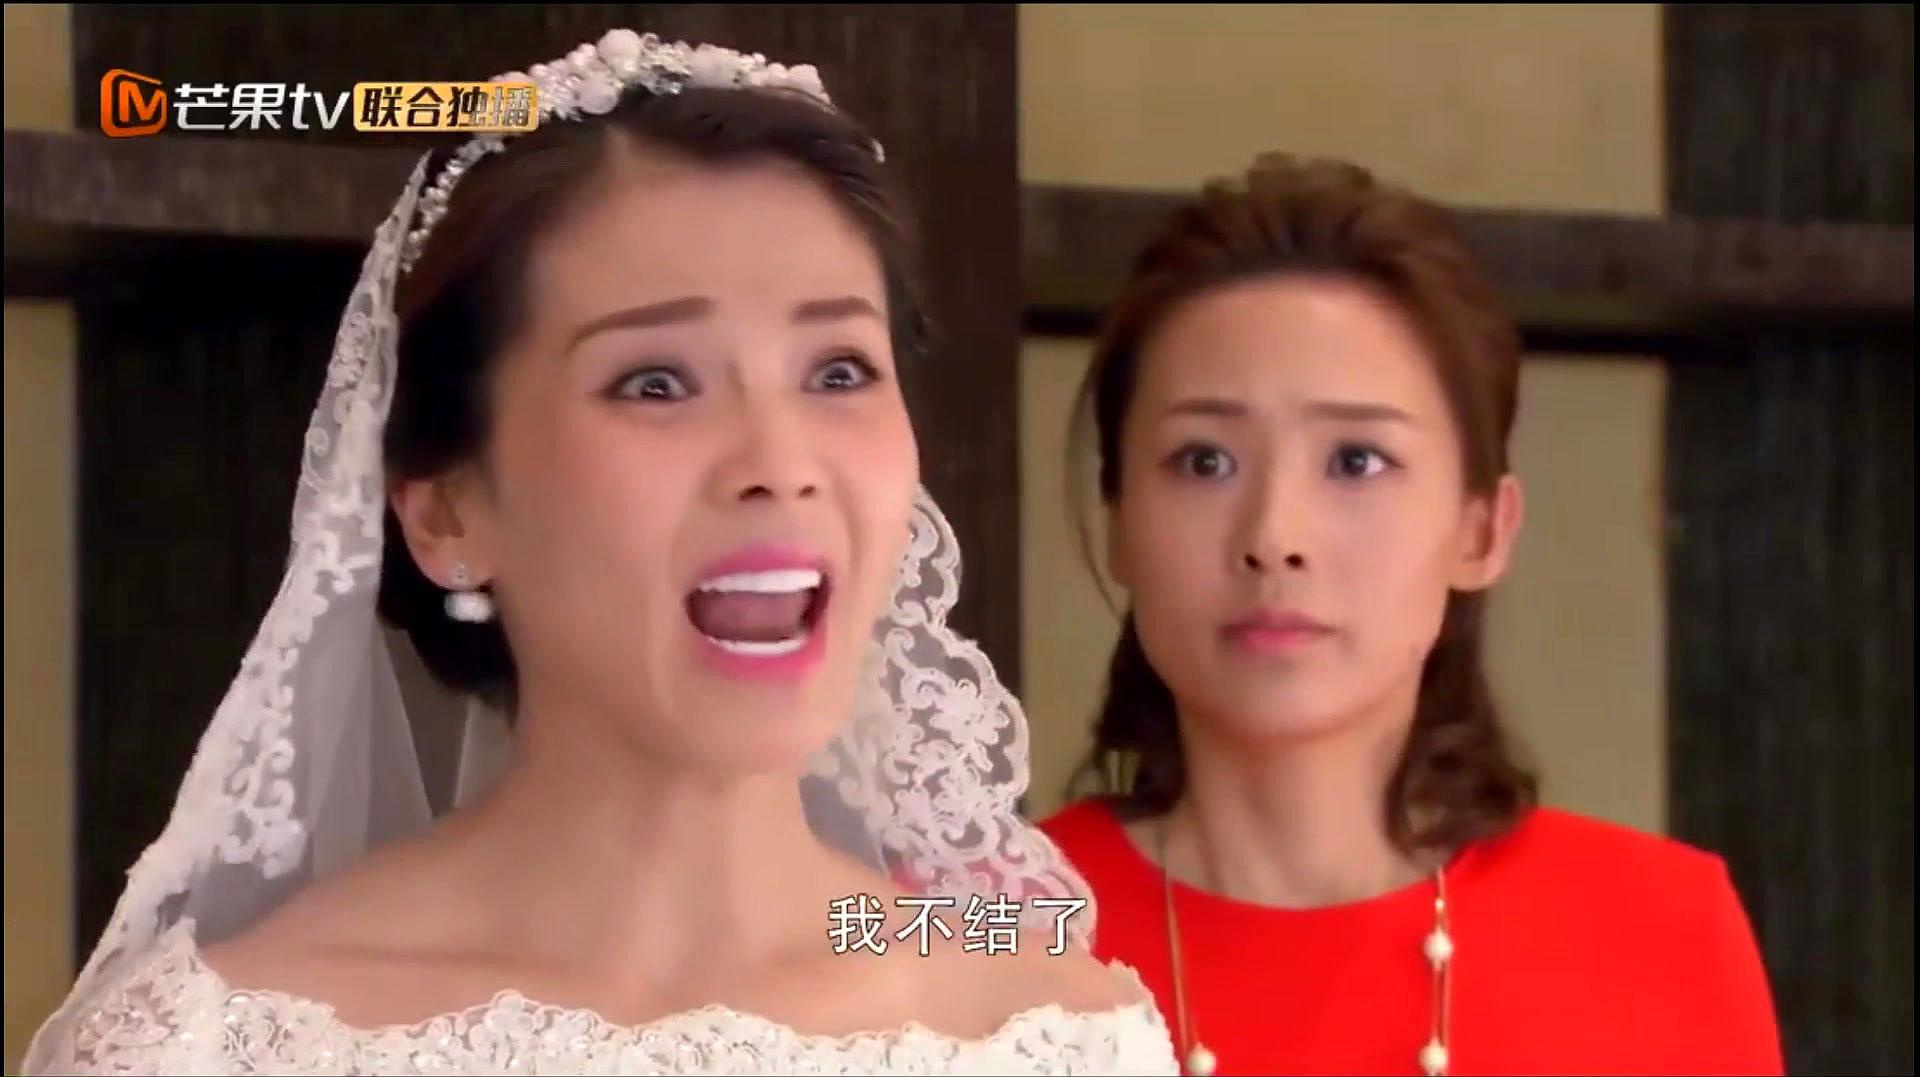 亲爱的婚姻:新娘和新郎都跑了,这下子婚是接不成了